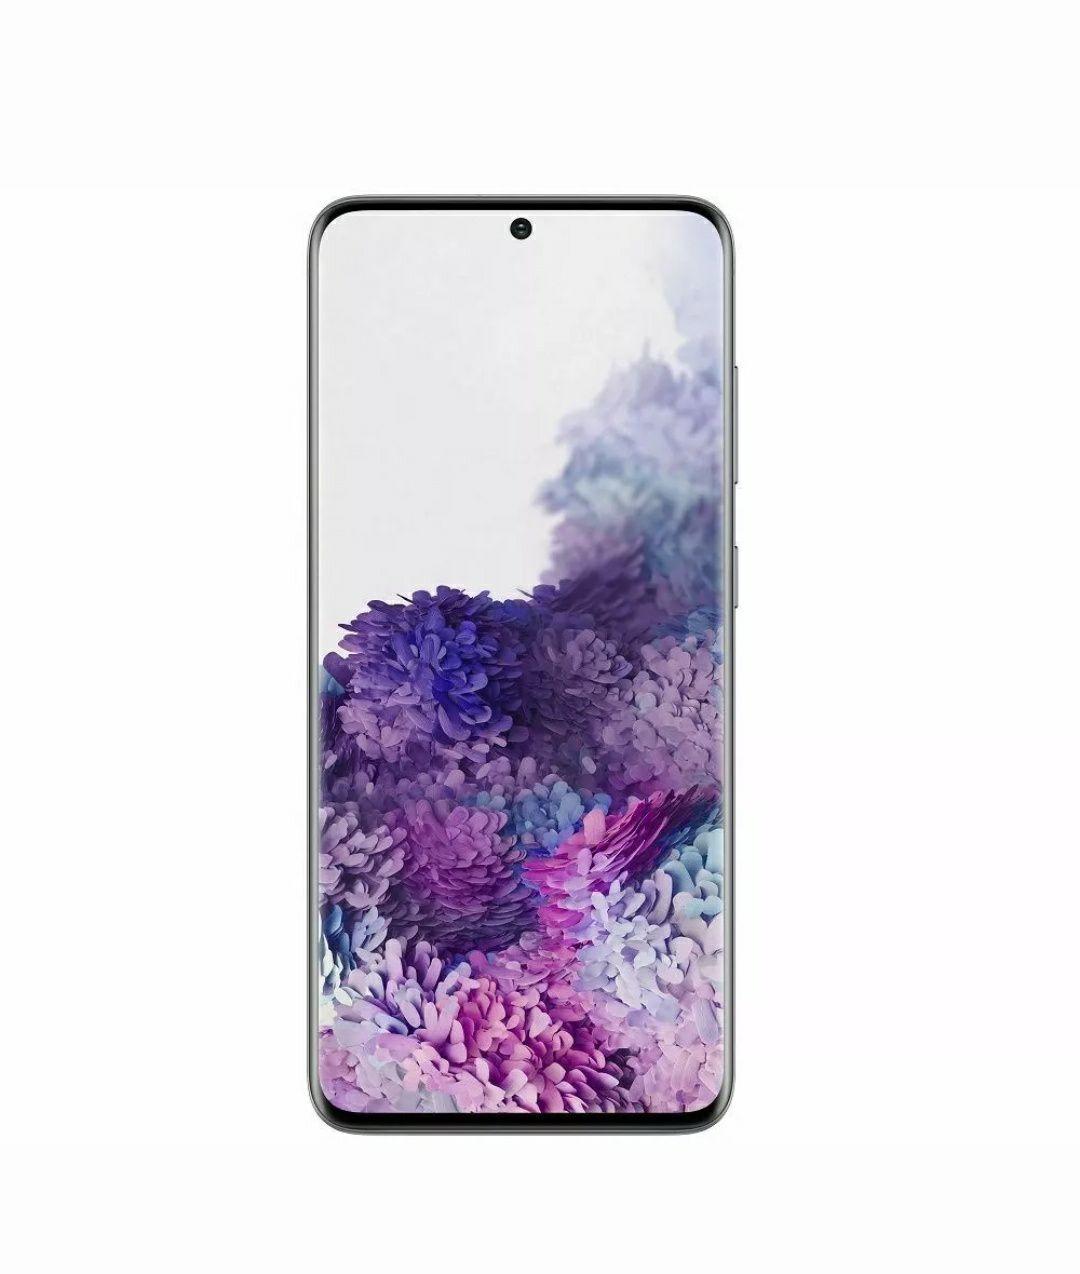 SAMSUNG Galaxy S20 - 128 GB, Grey £739.99 @ Currys Ebay